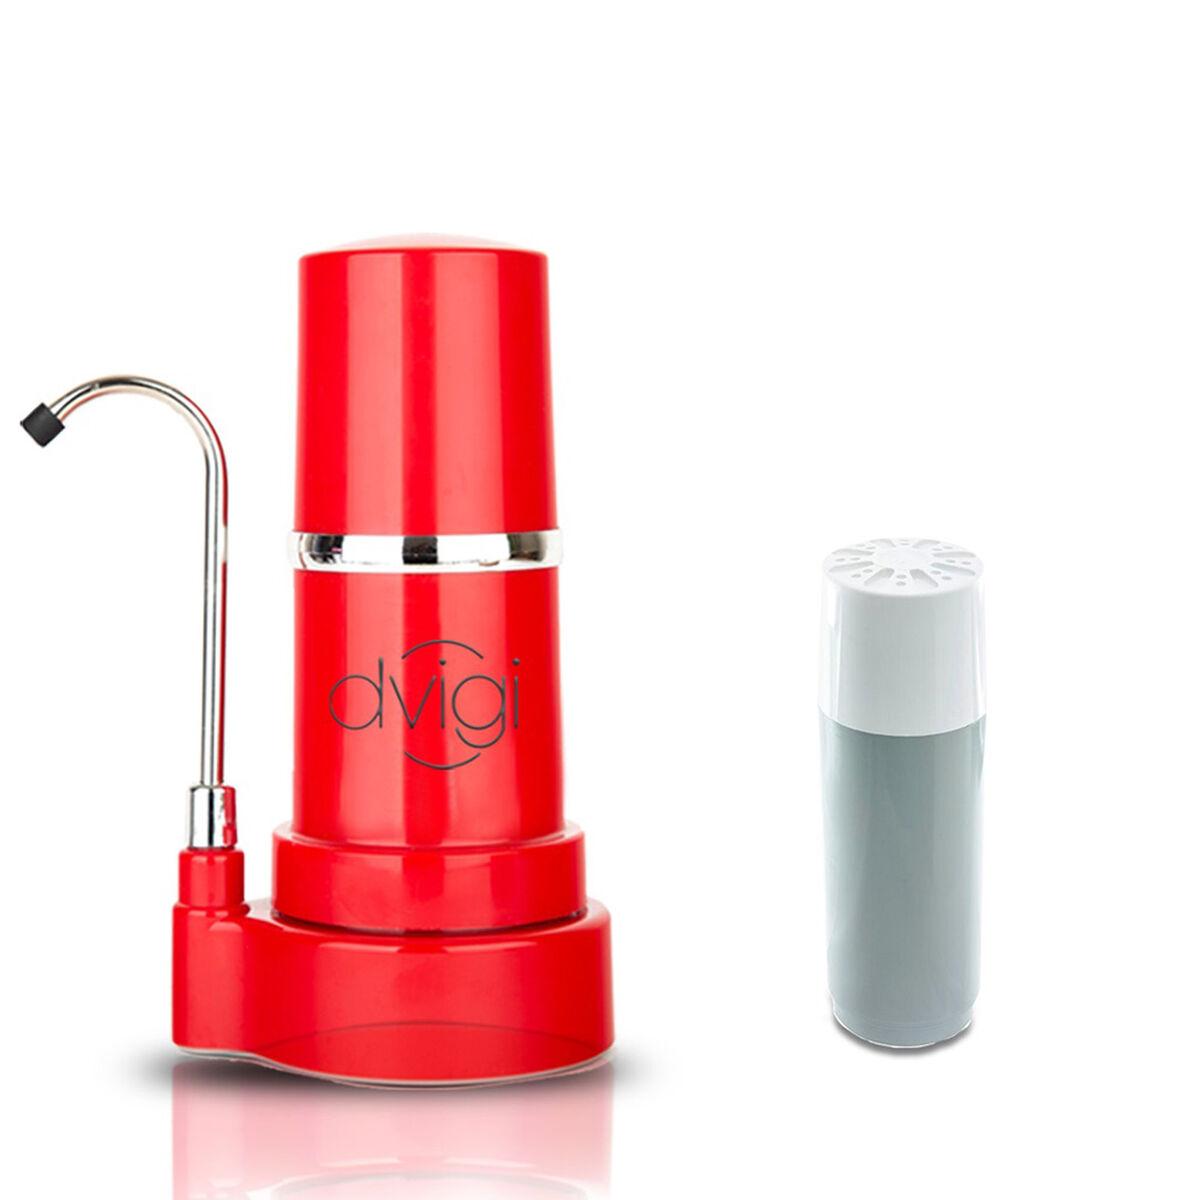 Purificador de Agua Filtro Sobre Cubierta + 1 Filtro de Repuesto Dvigi Rojo